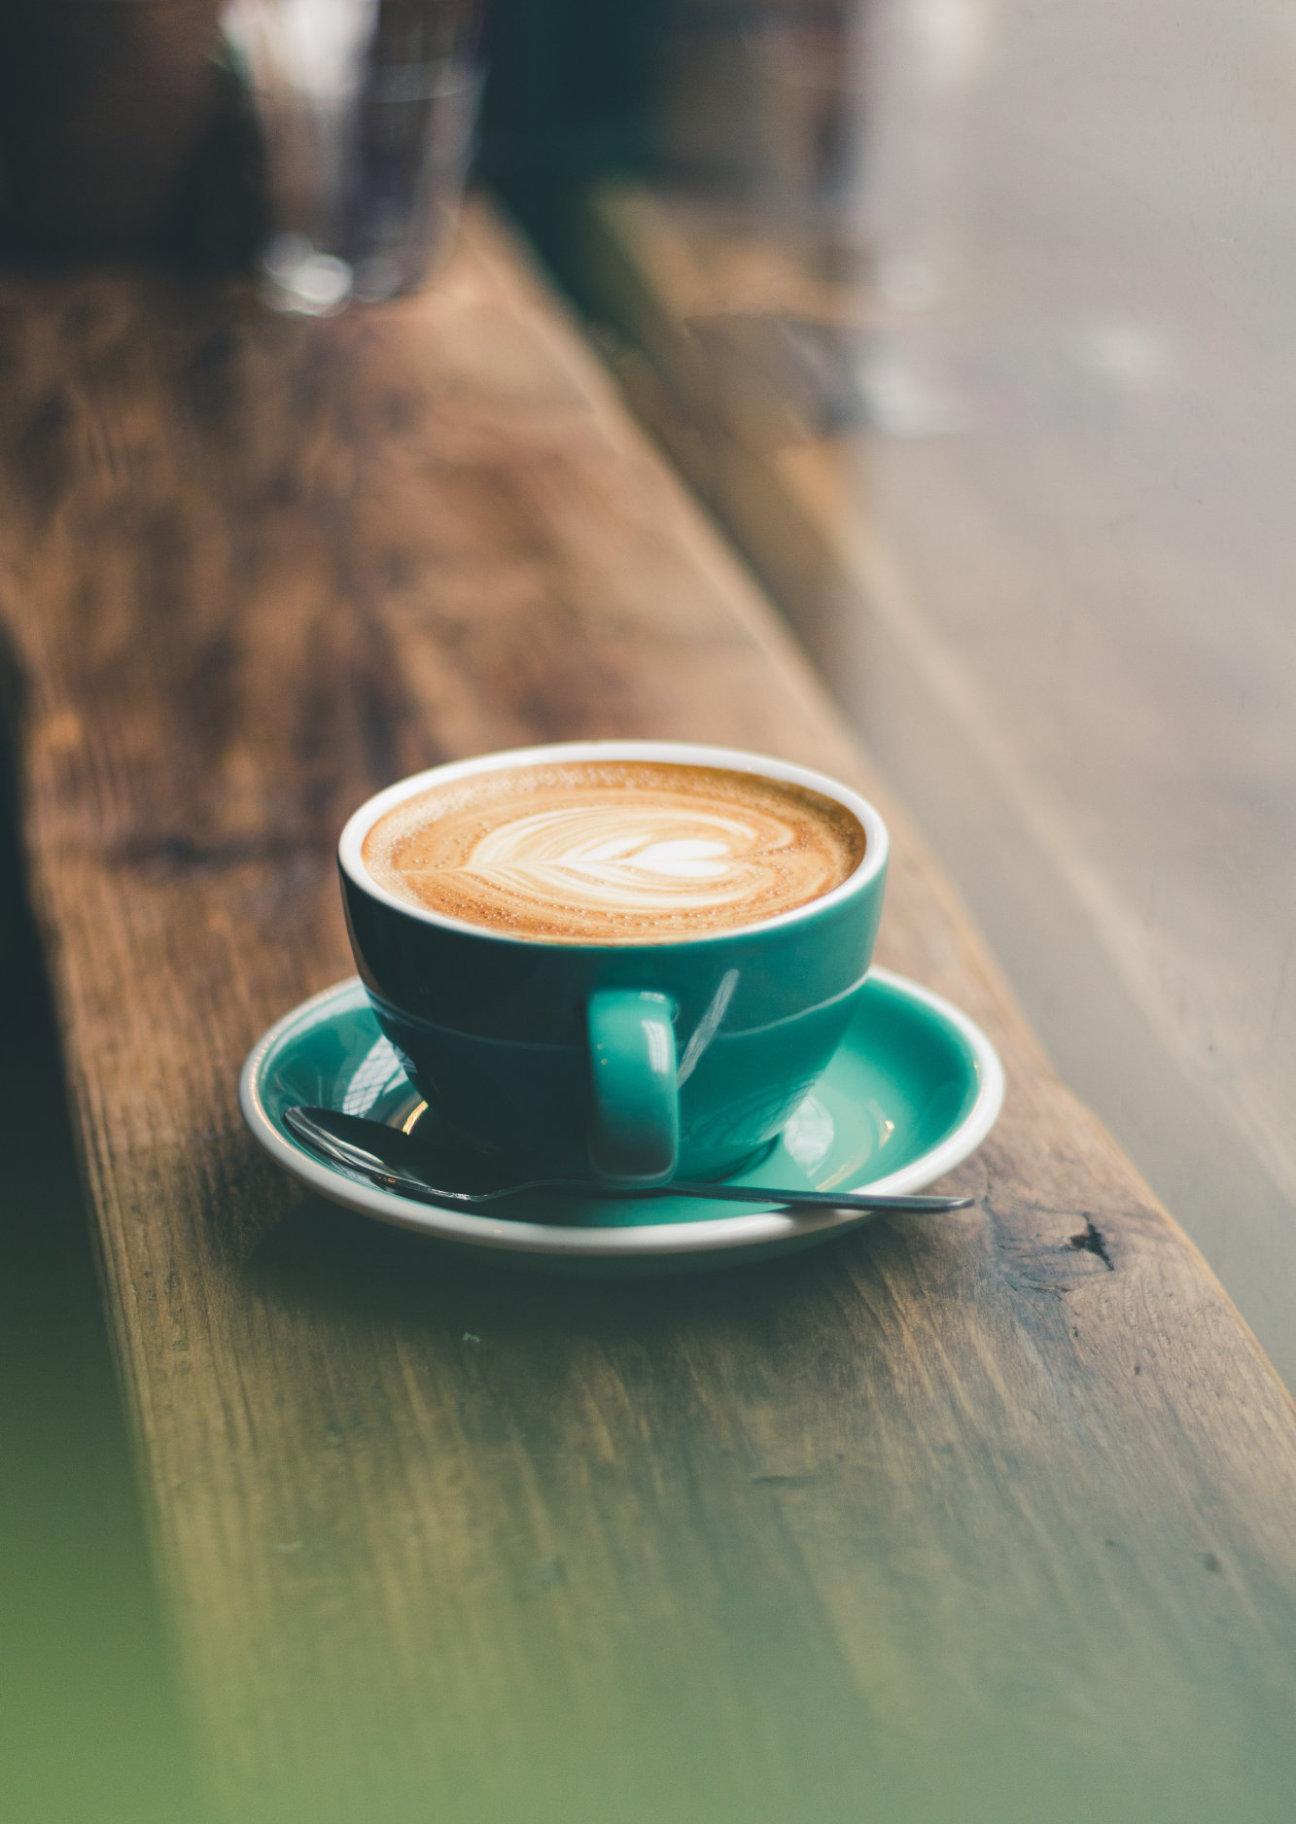 Leckerer Kaffee von Lilly's Café in Mühlhausen.